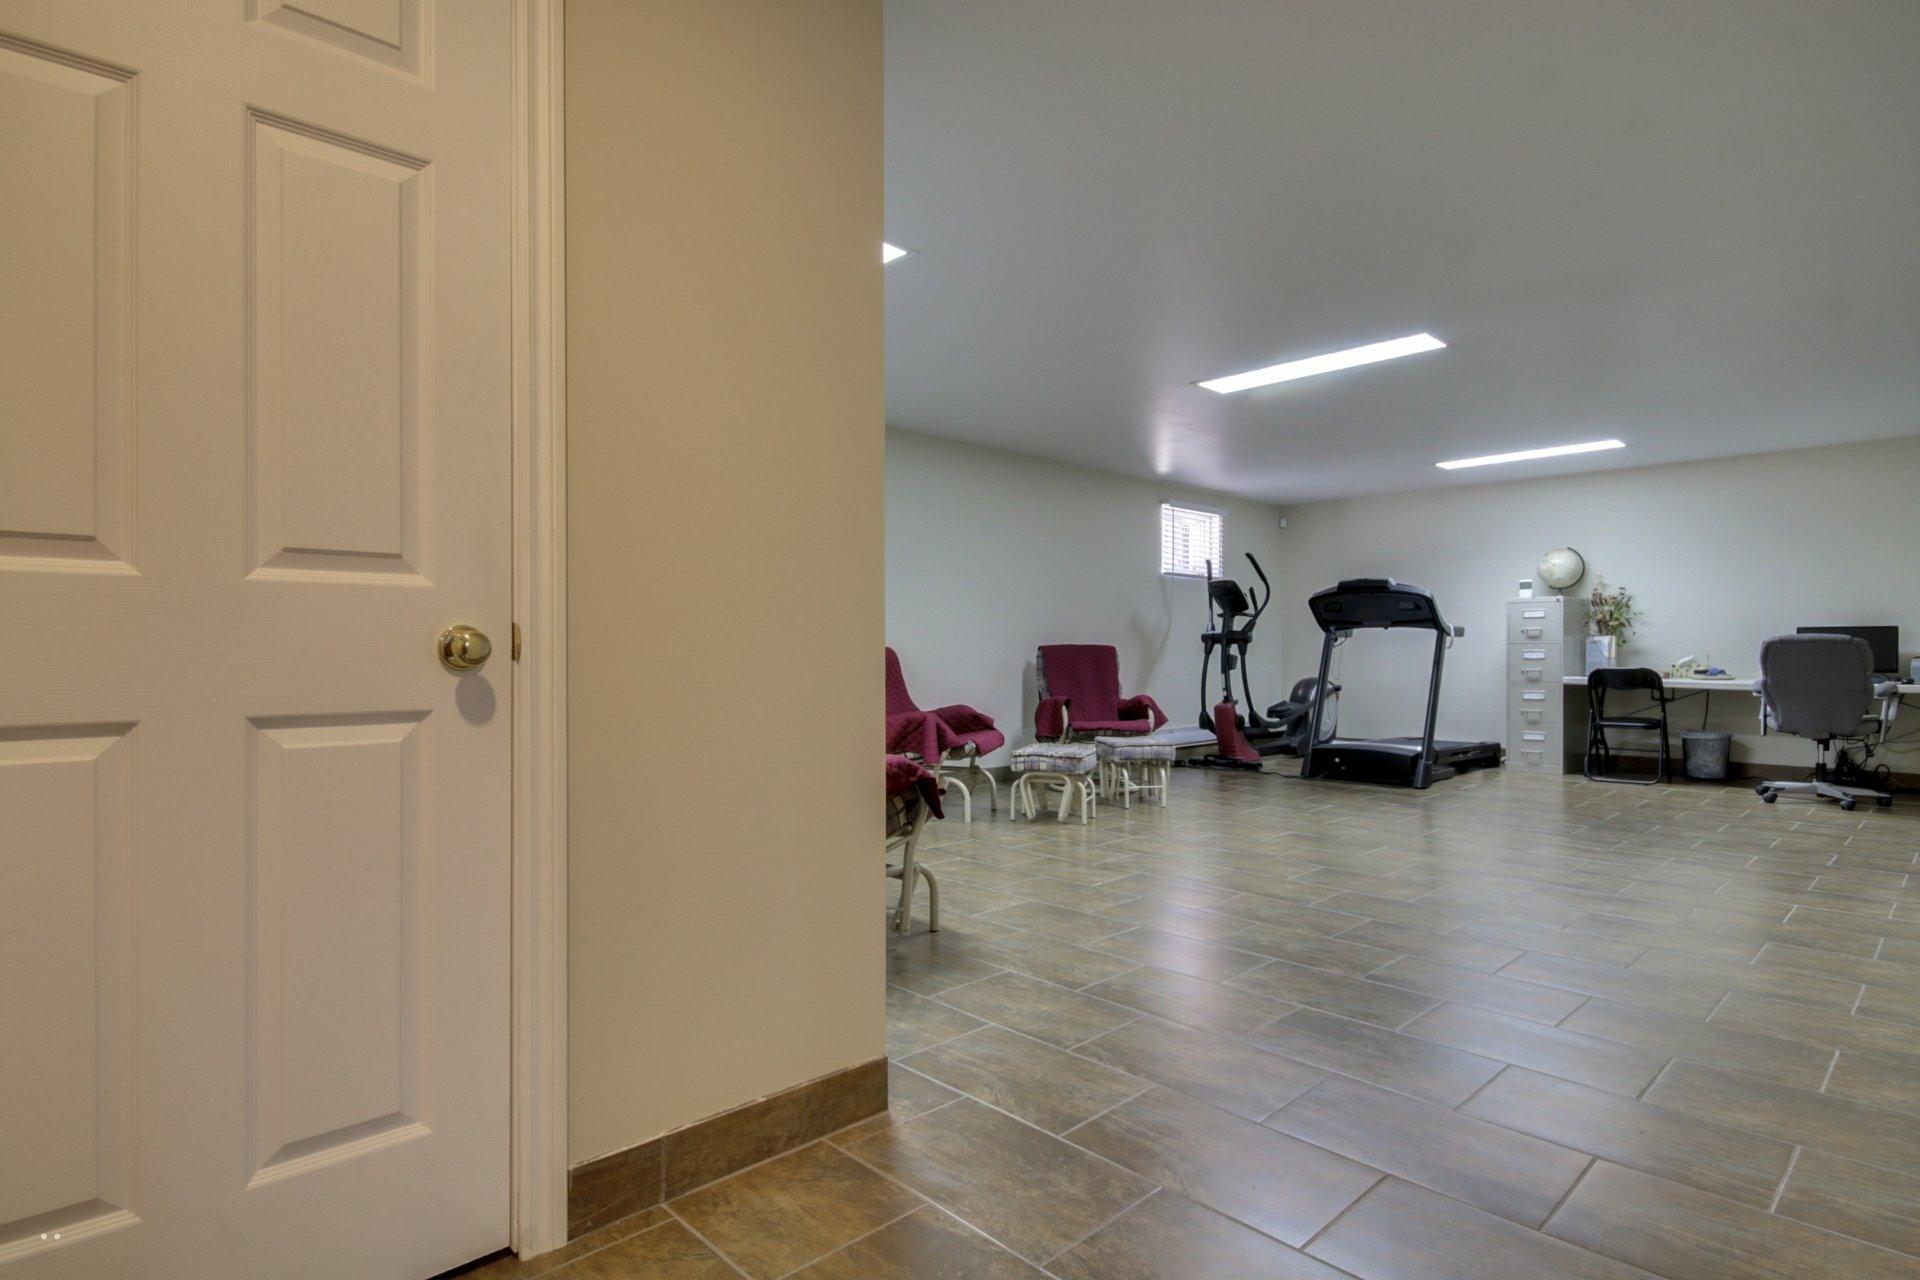 image 11 - Duplex For sale Trois-Rivières - 14 rooms